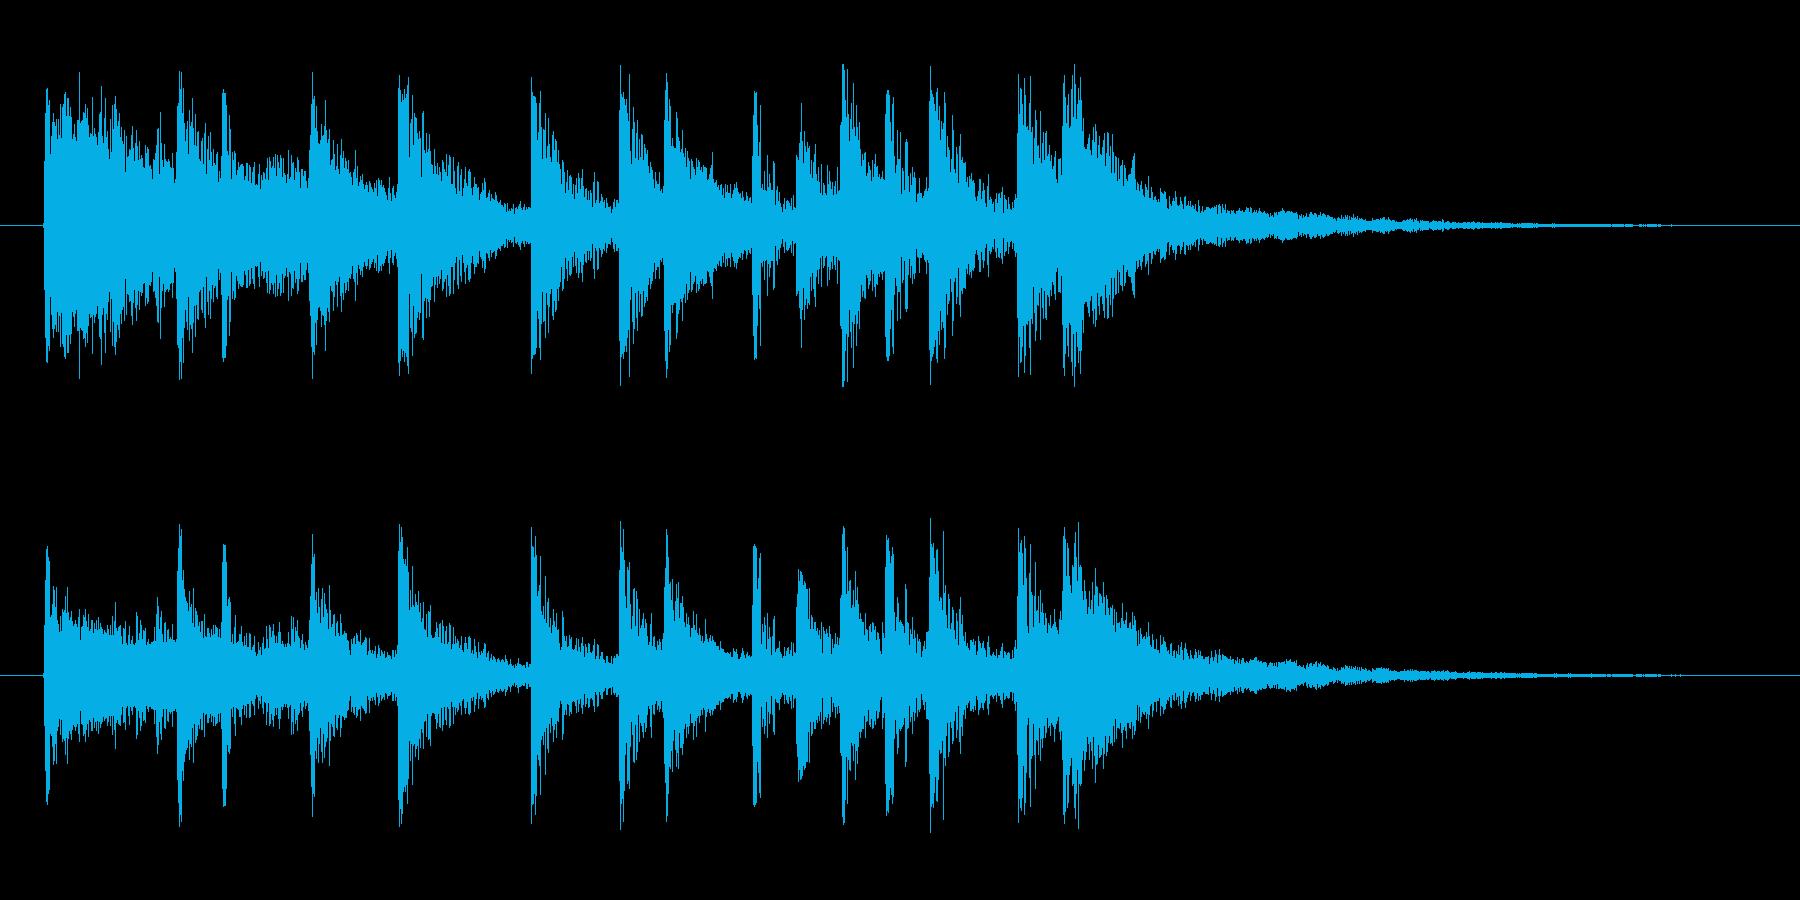 ドタバタと賑やかなロックドラムのジングルの再生済みの波形